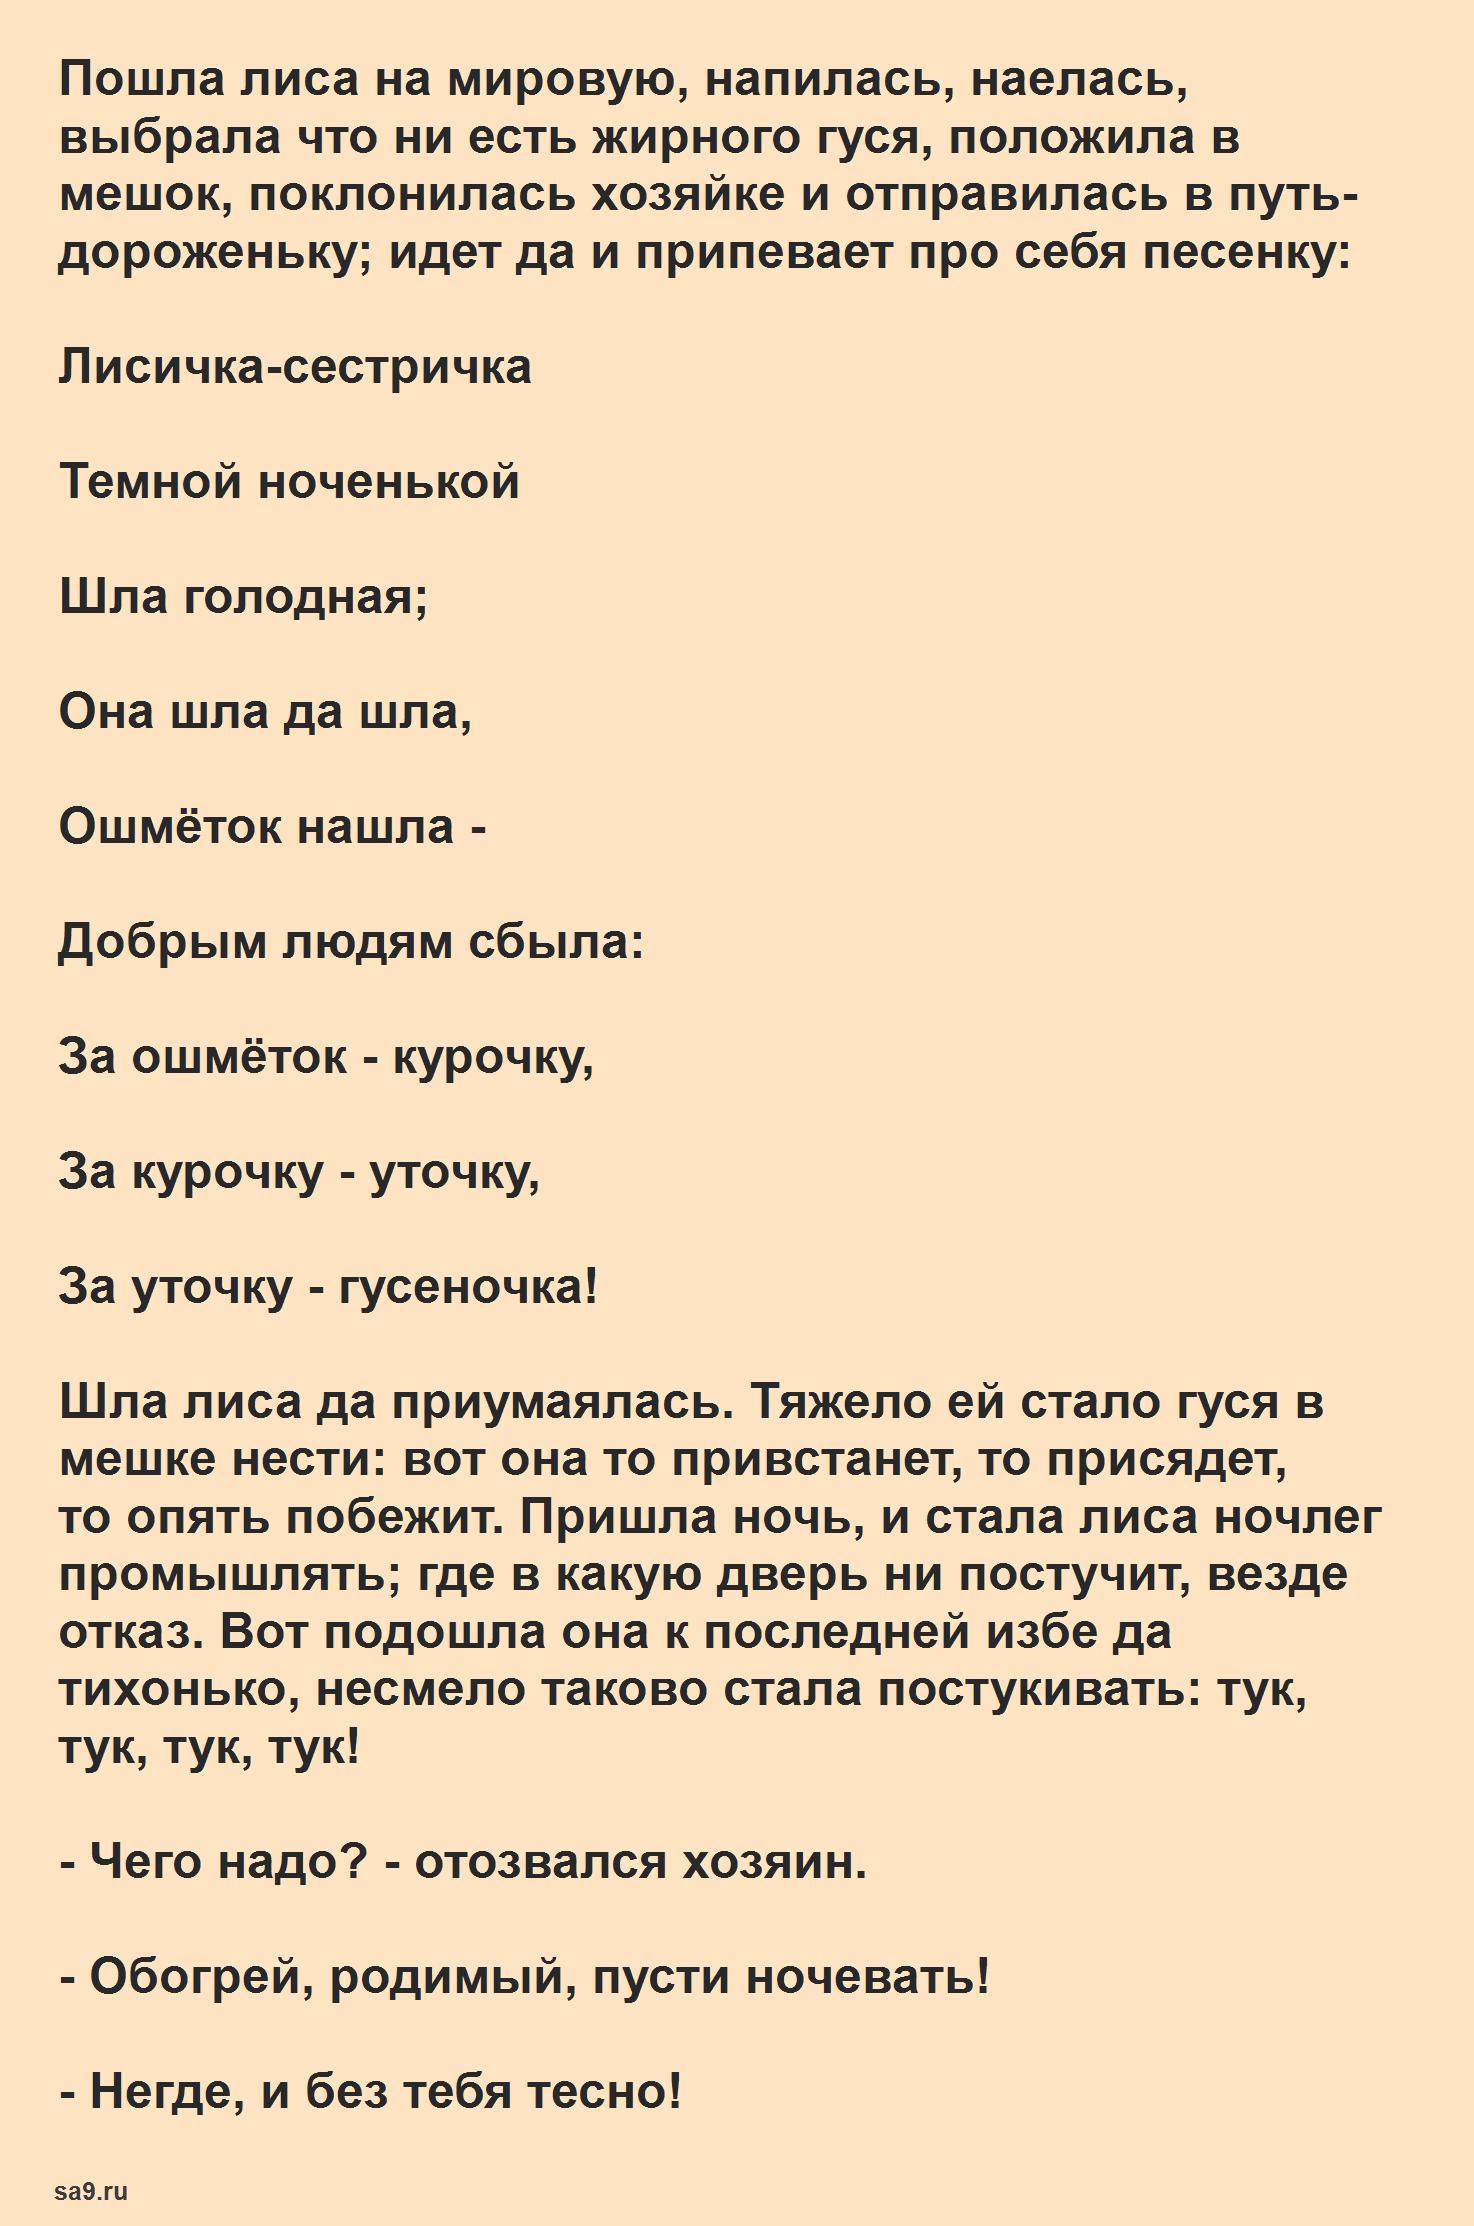 Читаем интересную сказку Даля для детей - Лиса лапотница